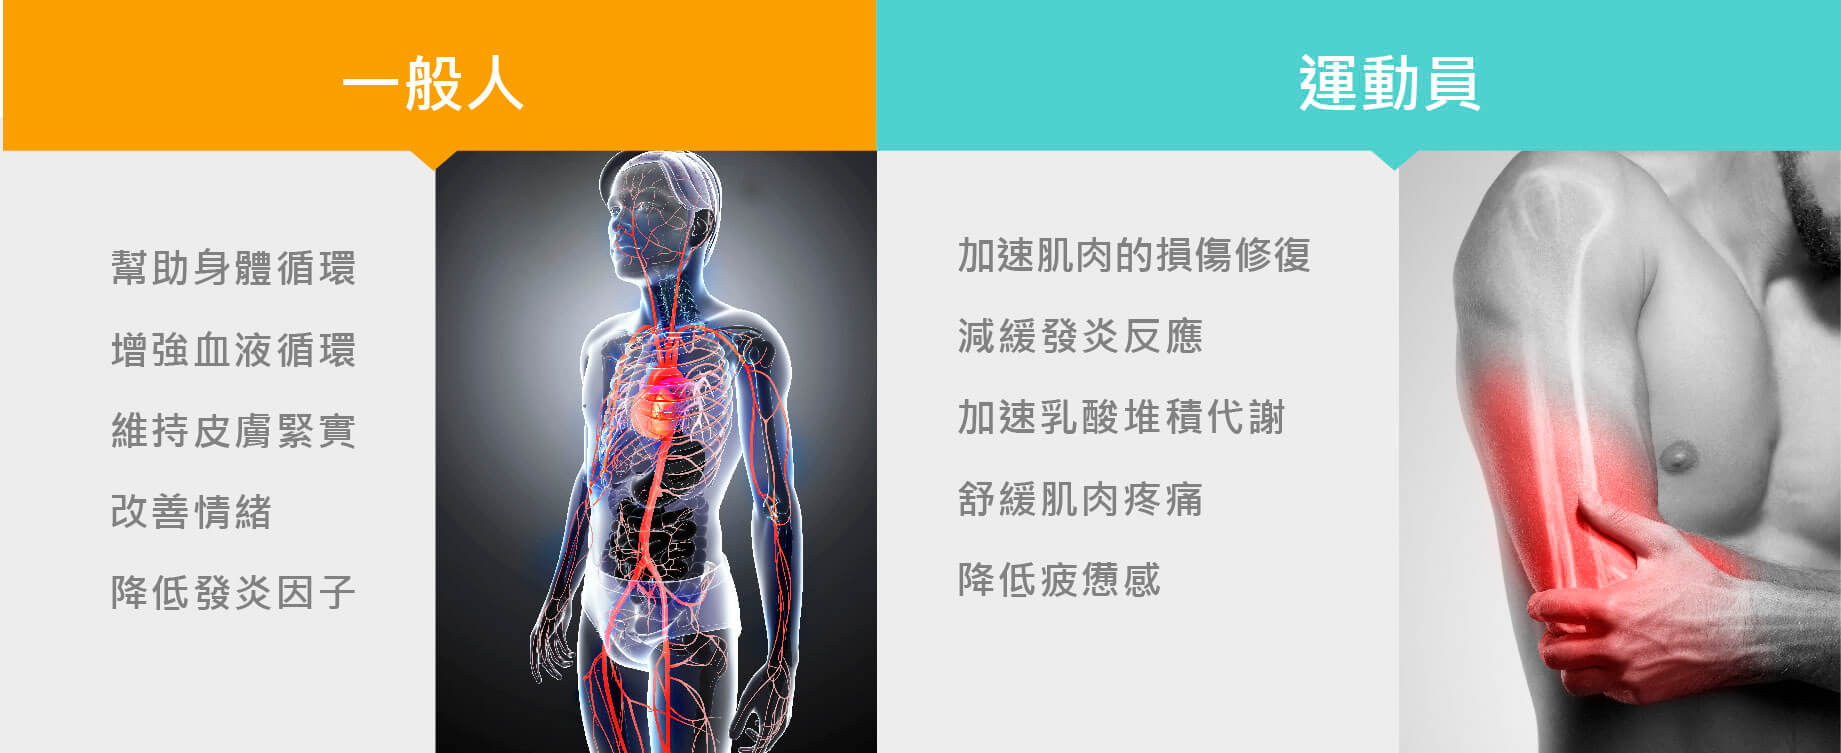 •幫助身體循環 •增強血液循環 •維持皮膚緊實 •改善情緒 •降低發炎因子•可加速運動後肌肉的損傷修復 •減緩發炎反應 •加速乳酸堆積代謝 •舒緩肌肉疼痛與疲憊感等